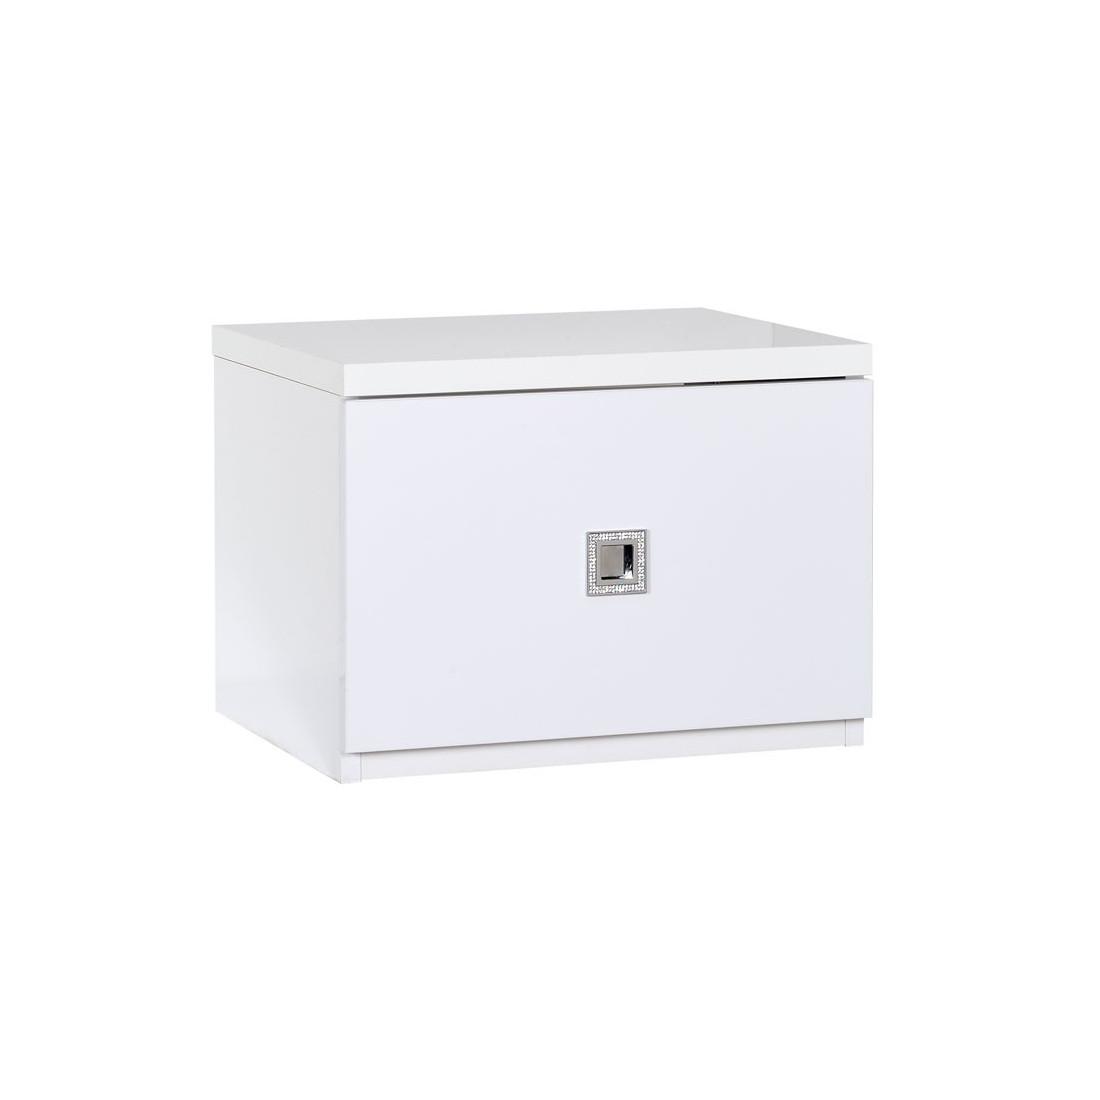 table de chevet 1 tiroir bois blanc laqu brillant univers chambre tousmesmeubles - Table De Chevet Laque Blanc Brillant